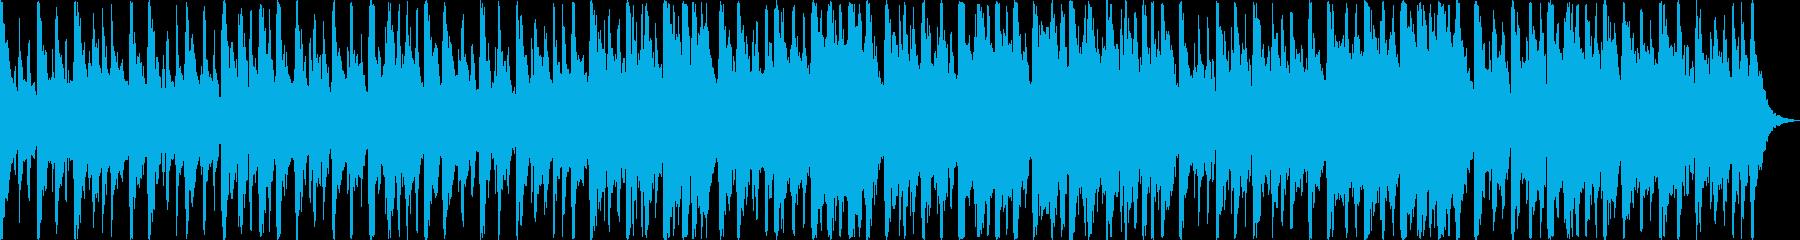 和楽器でダンストランスの再生済みの波形